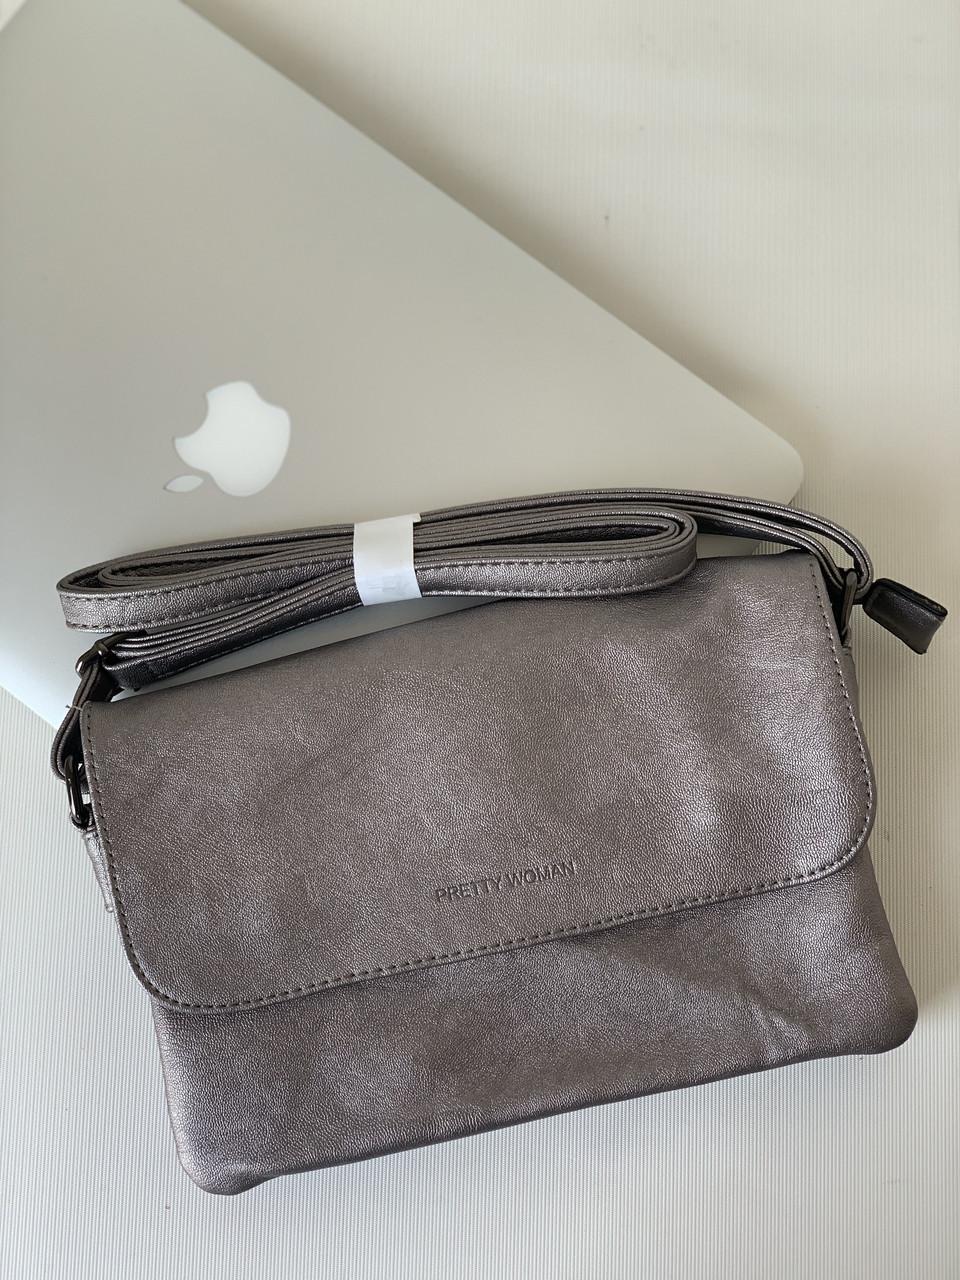 Женская сумочка кроссбоди клатч серебристая маленькая универсальная через плечо Pretty Woman